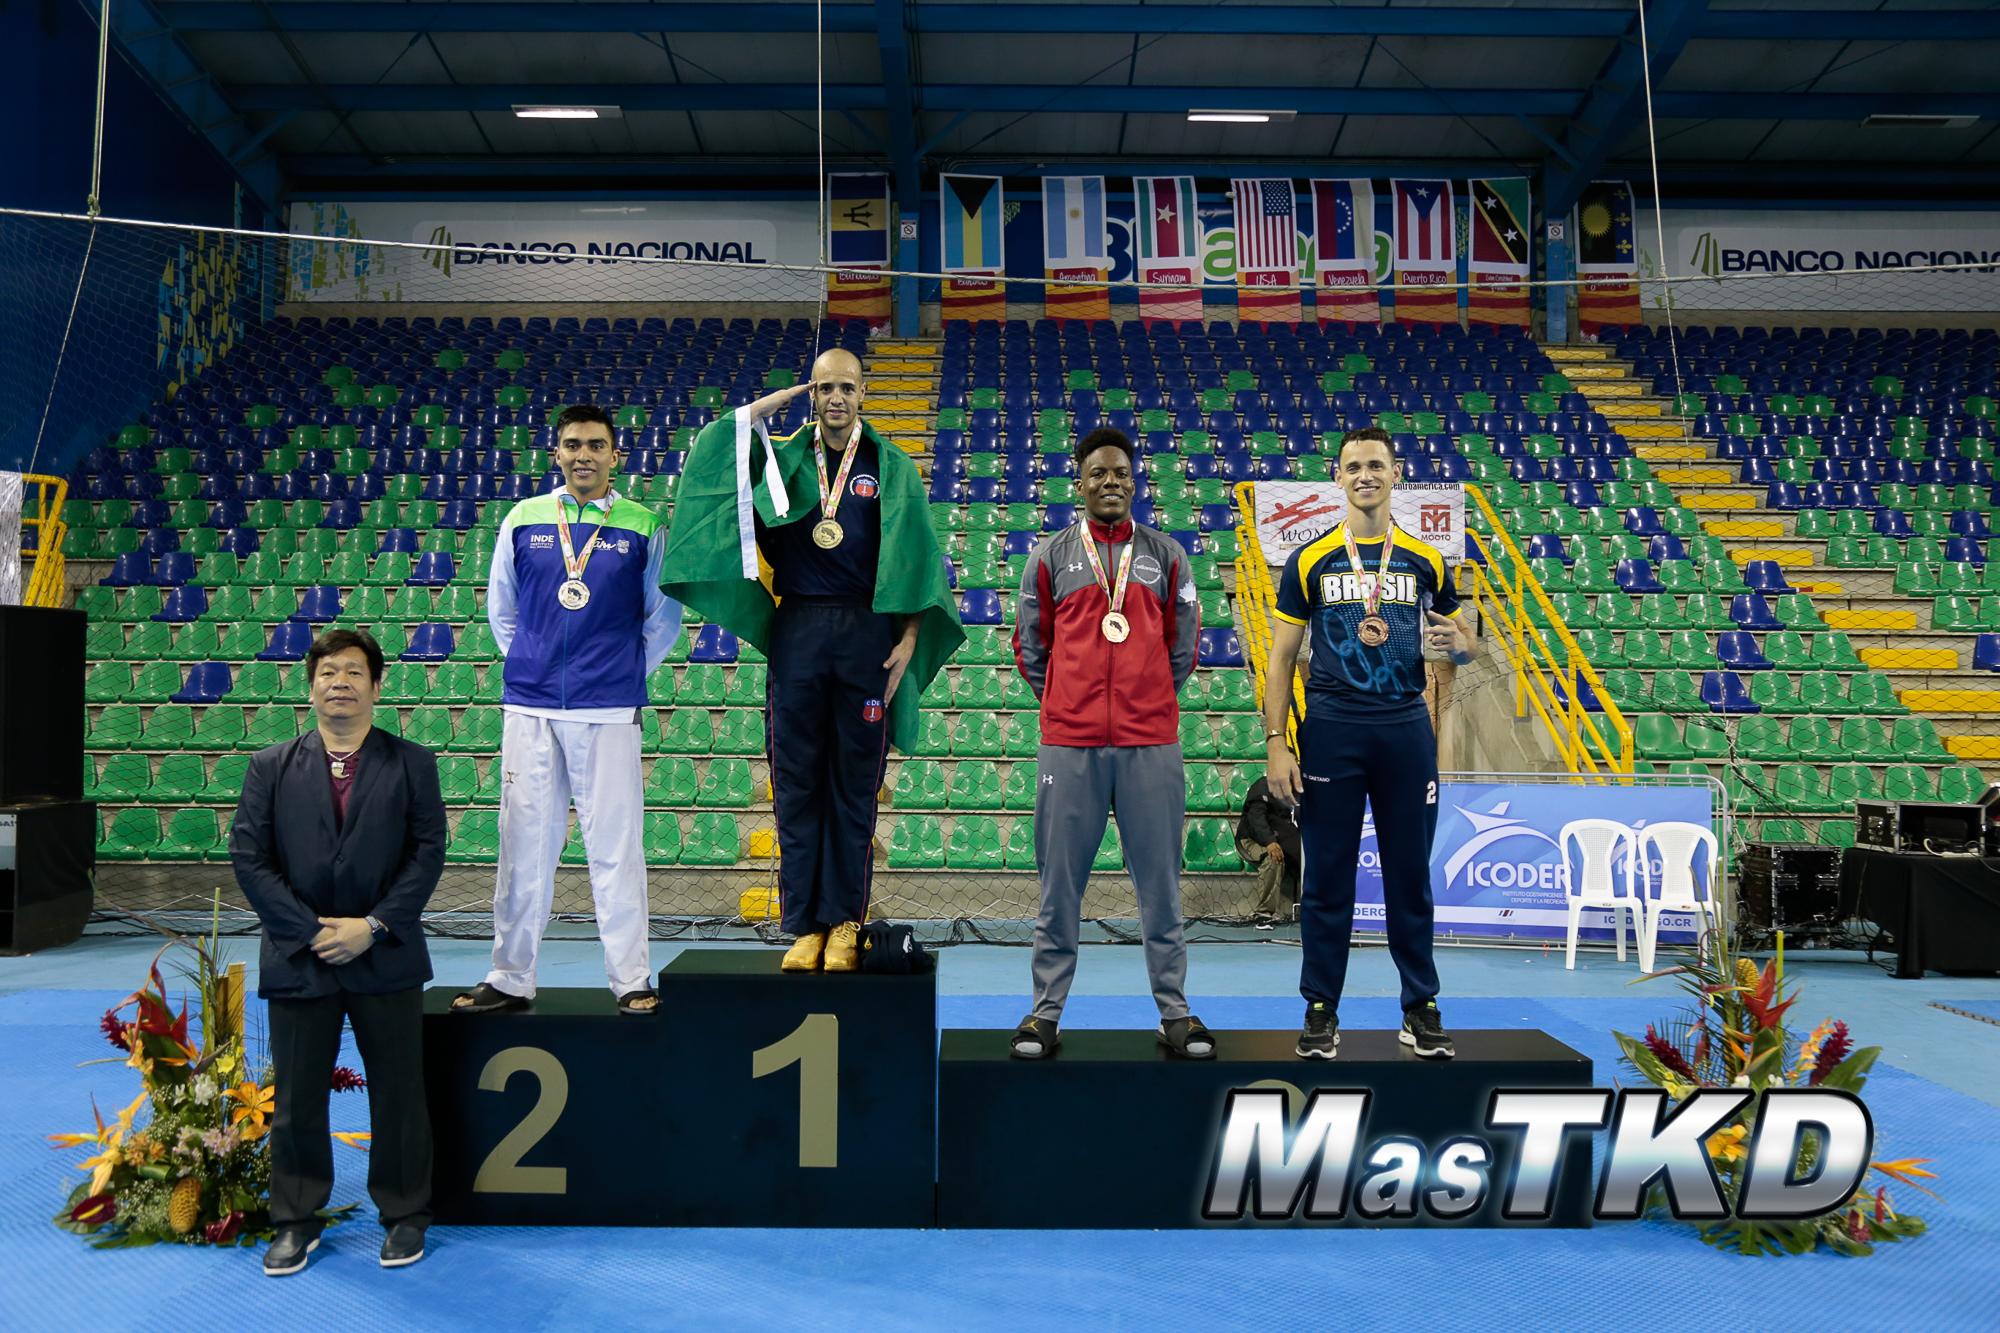 20170901_M-87_Costa-Rica-Open_Taekwondo